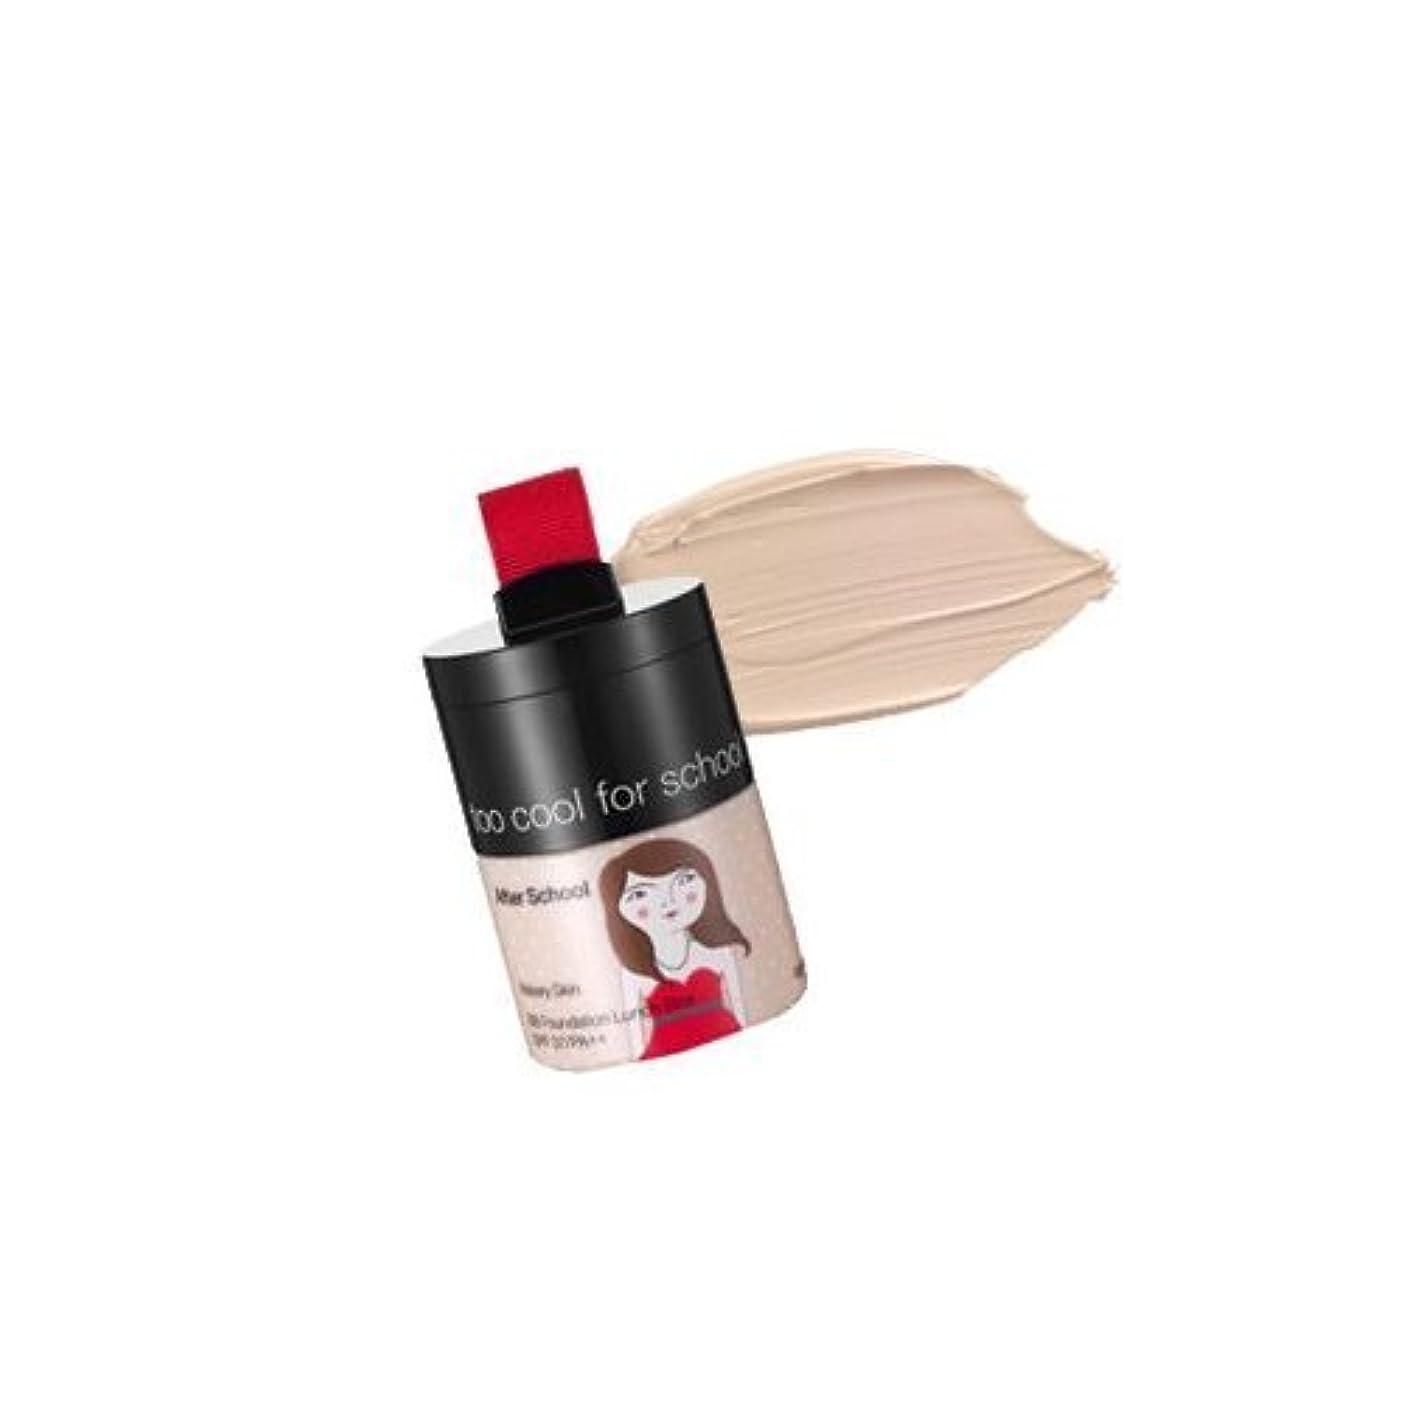 ネックレット風刺モーテルTOO COOL FOR SCHOOL After School BB Foundation Lunch Box 01 Matte Skin (並行輸入品)